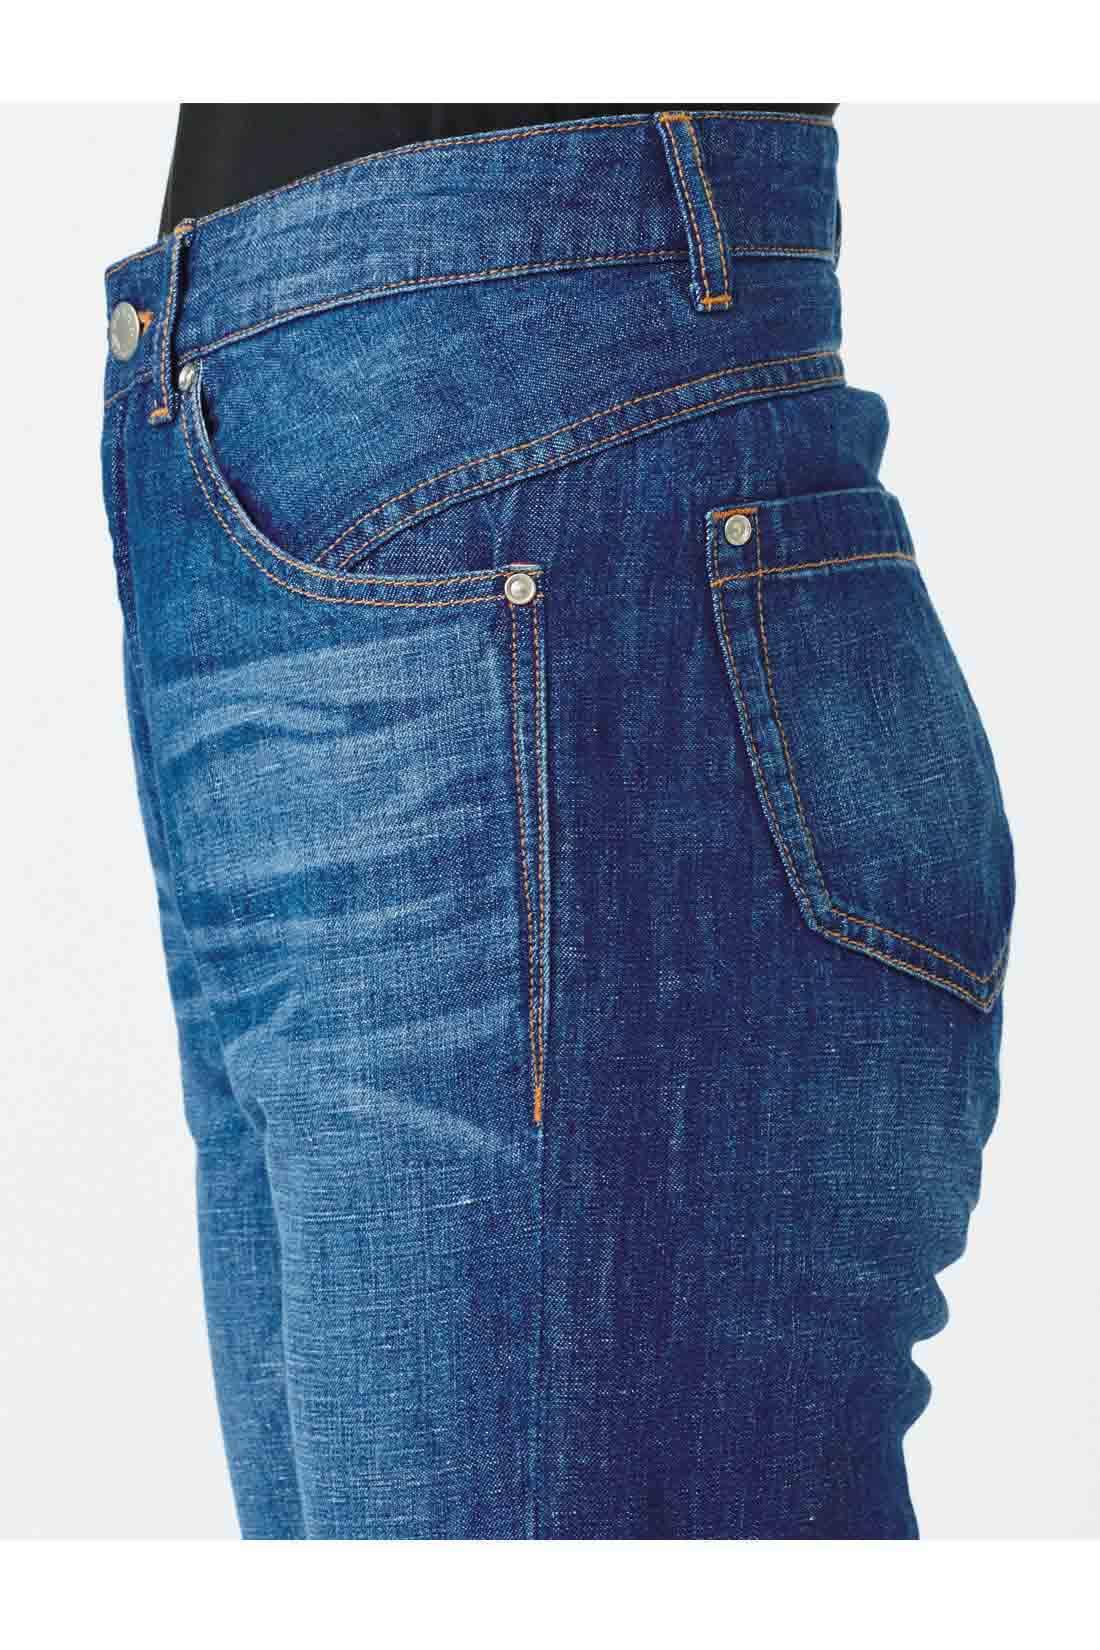 腰は前斜めに向かって入れたサイドの切り替えでスッキリ感UP。